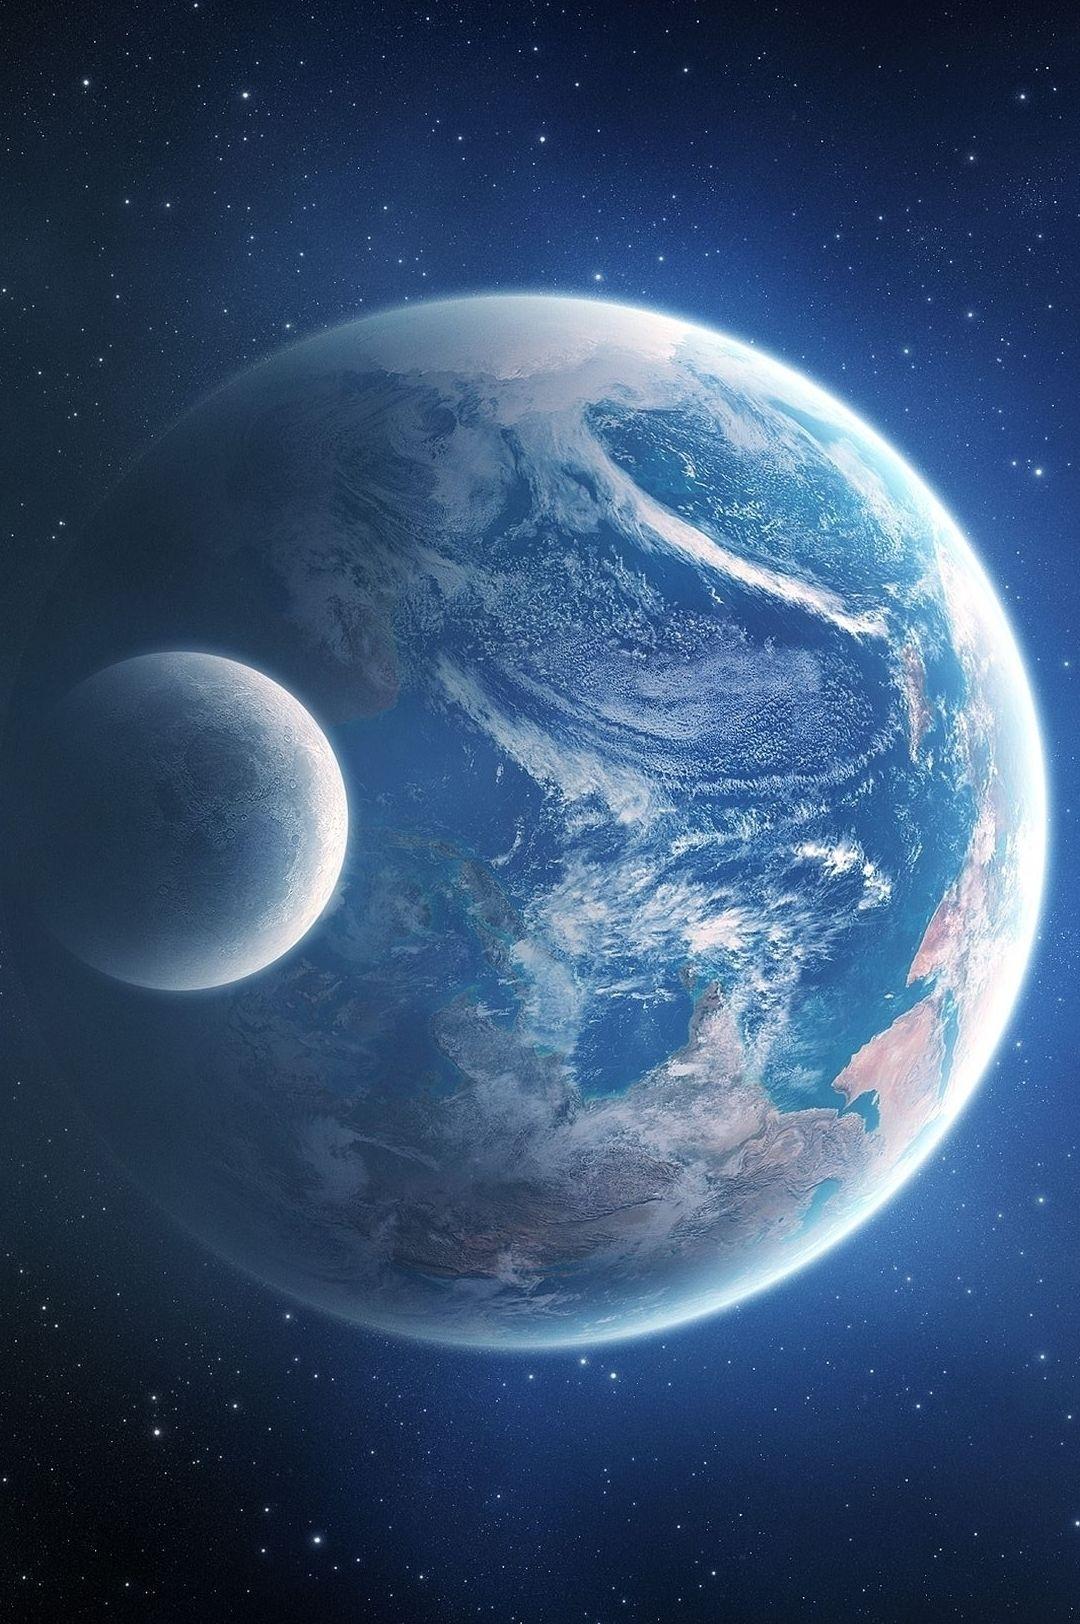 Notre Belle Planete Terre Et La Lune 3 3 3 Astronomie Planete Terre Nuit Etoilee